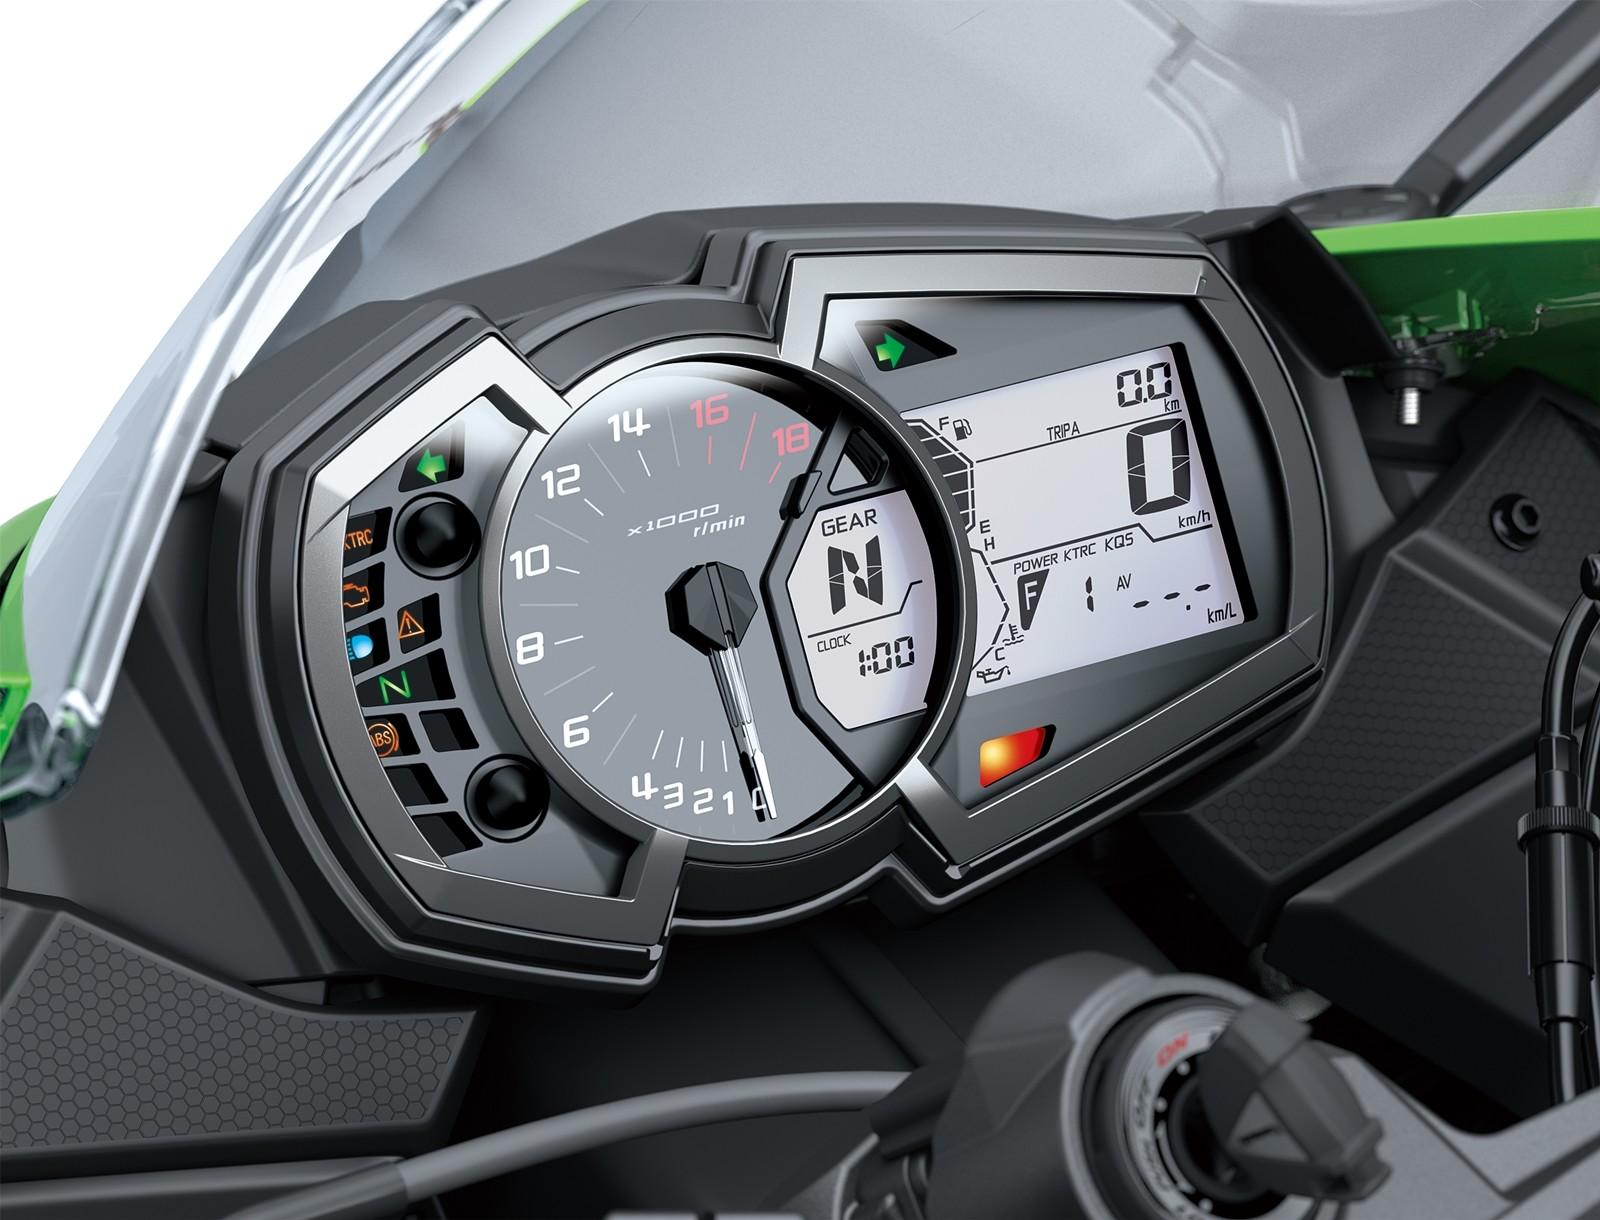 Kawasaki ZX-6R Ninja 2019